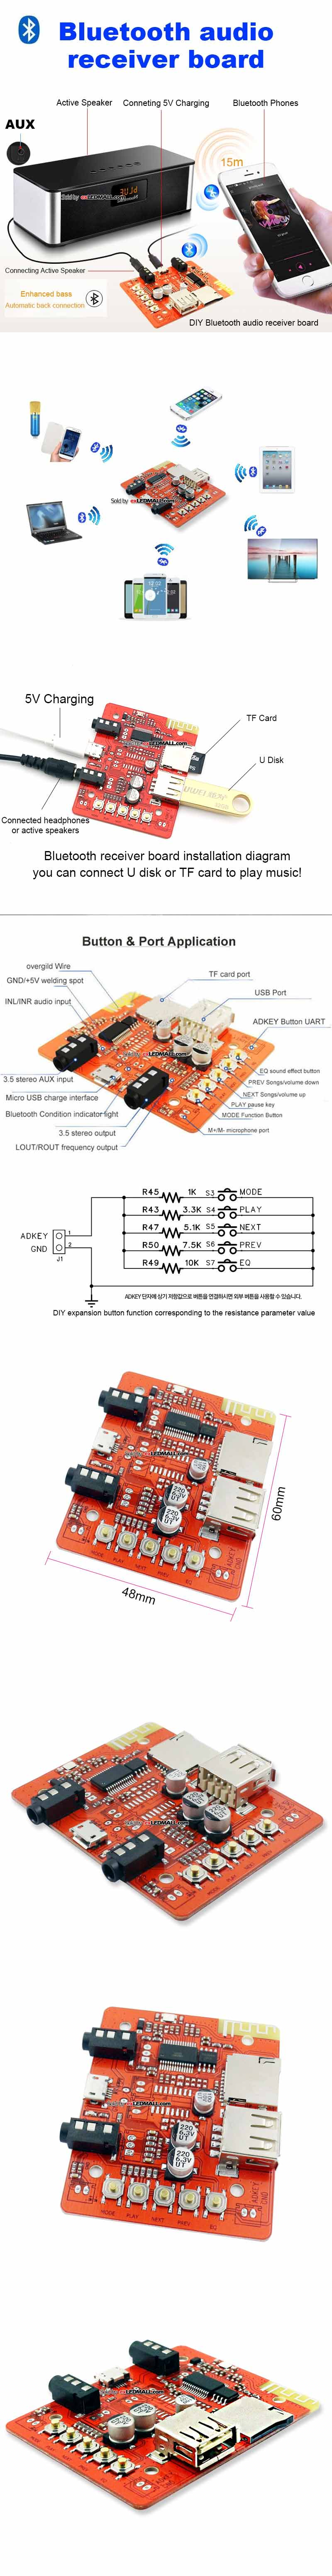 블루투스 MP3 리시버 DIY KIT 모듈 (PCB형)